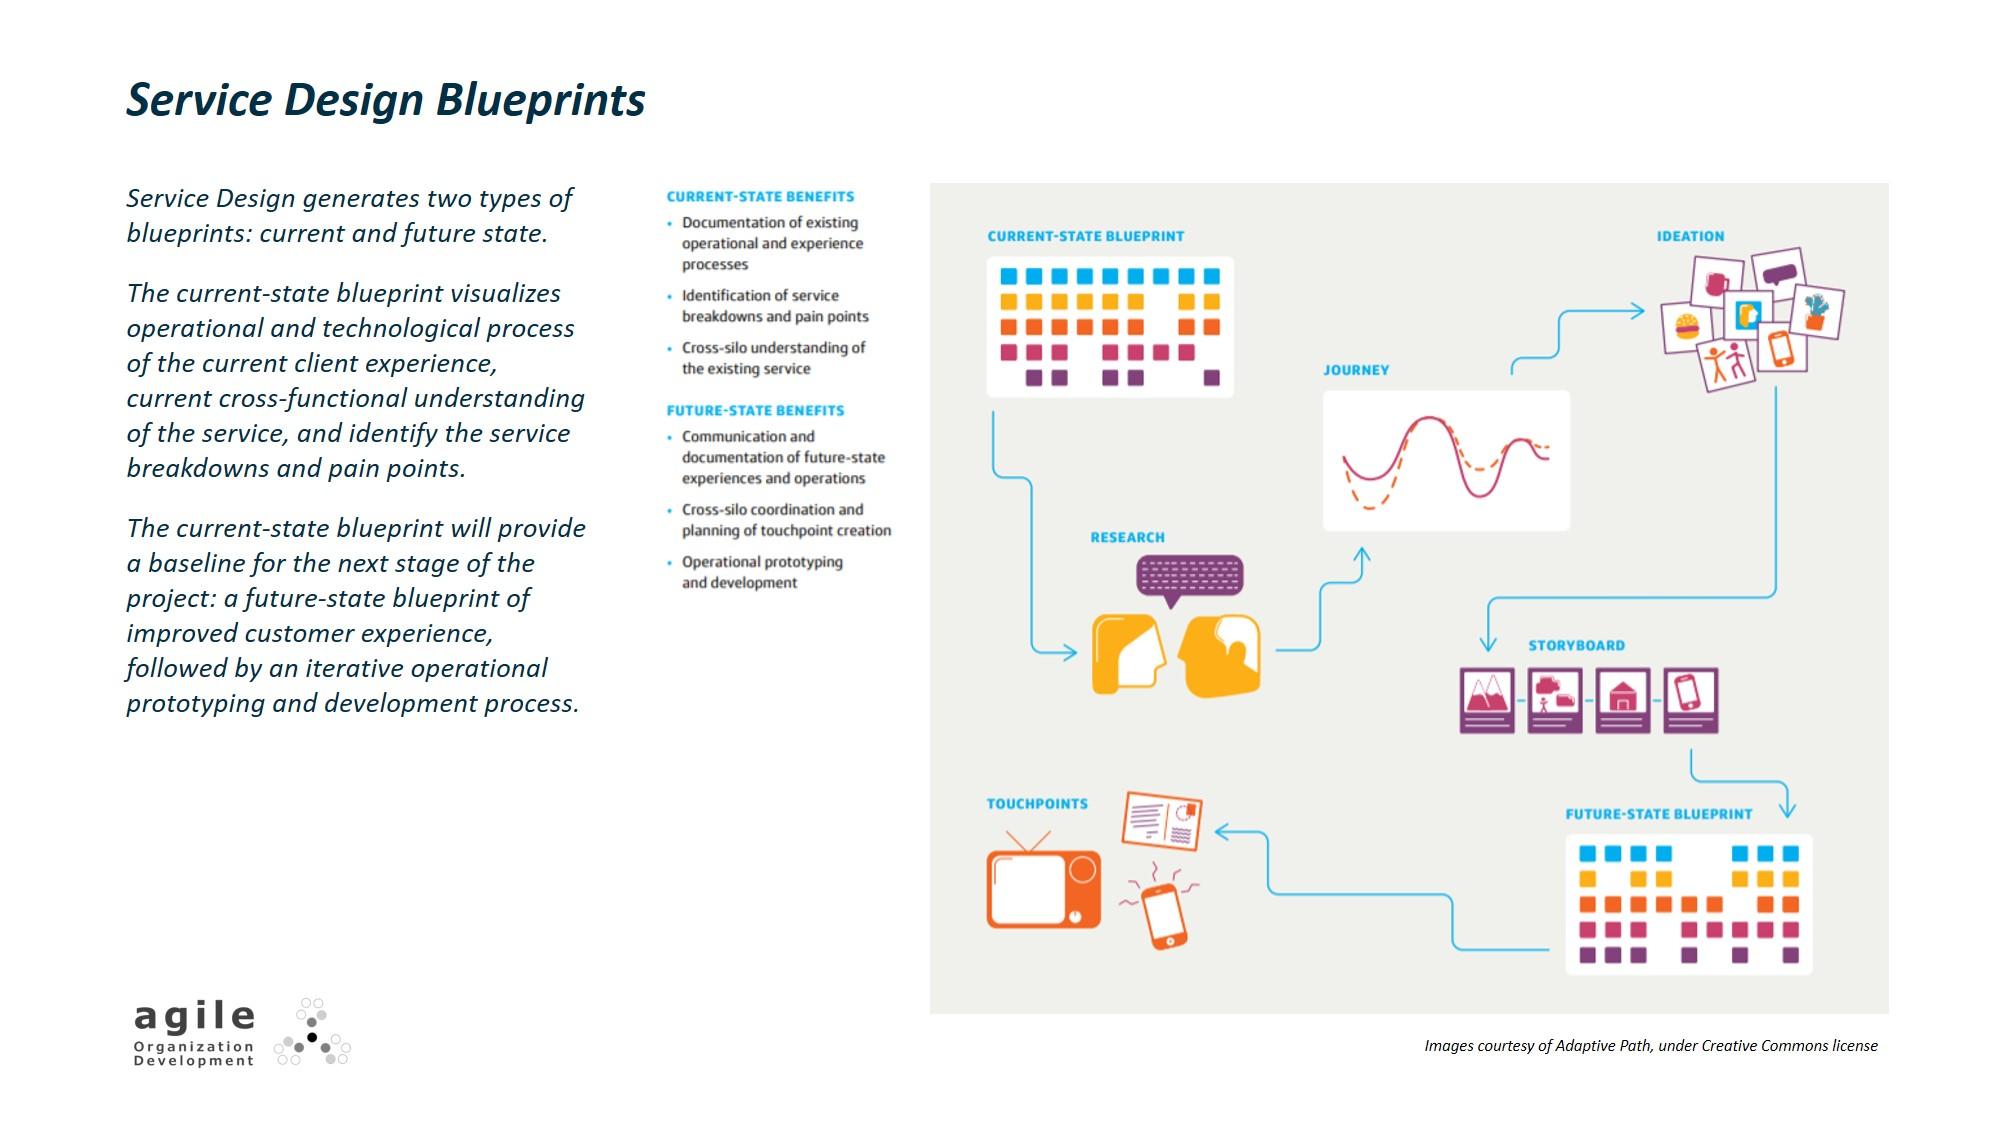 Service Design blueprints